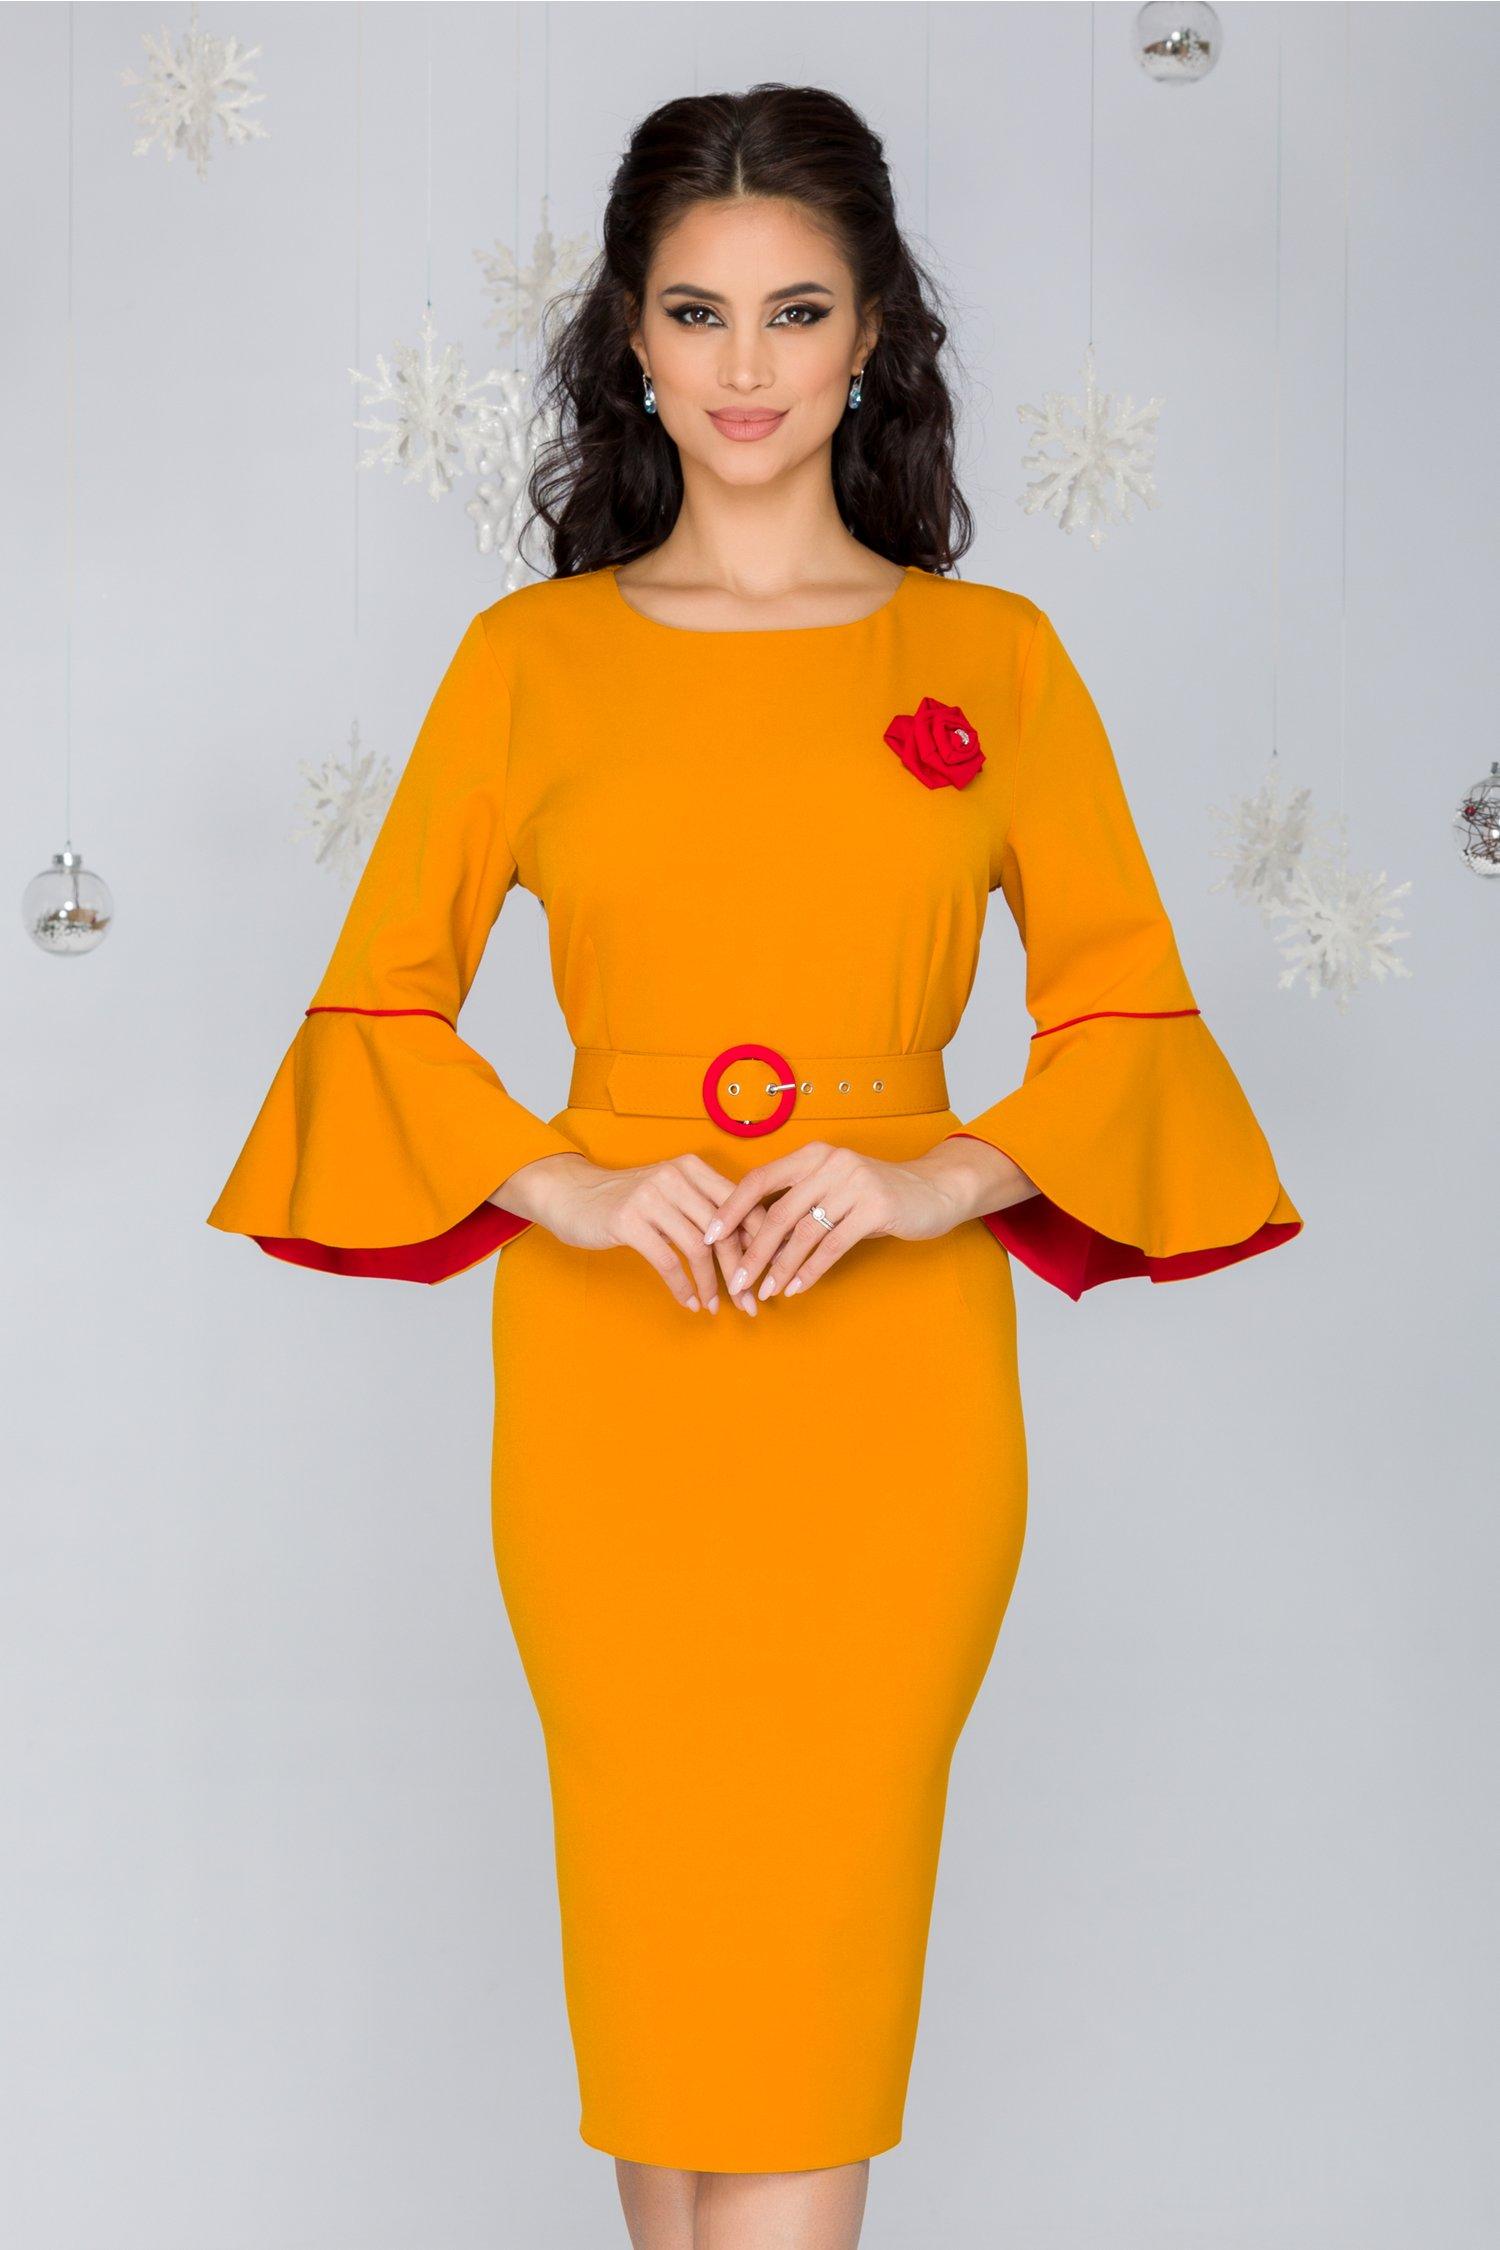 Rochie Millie galben mustar cu maneci clopot si accesoriu tip trandafir rosu